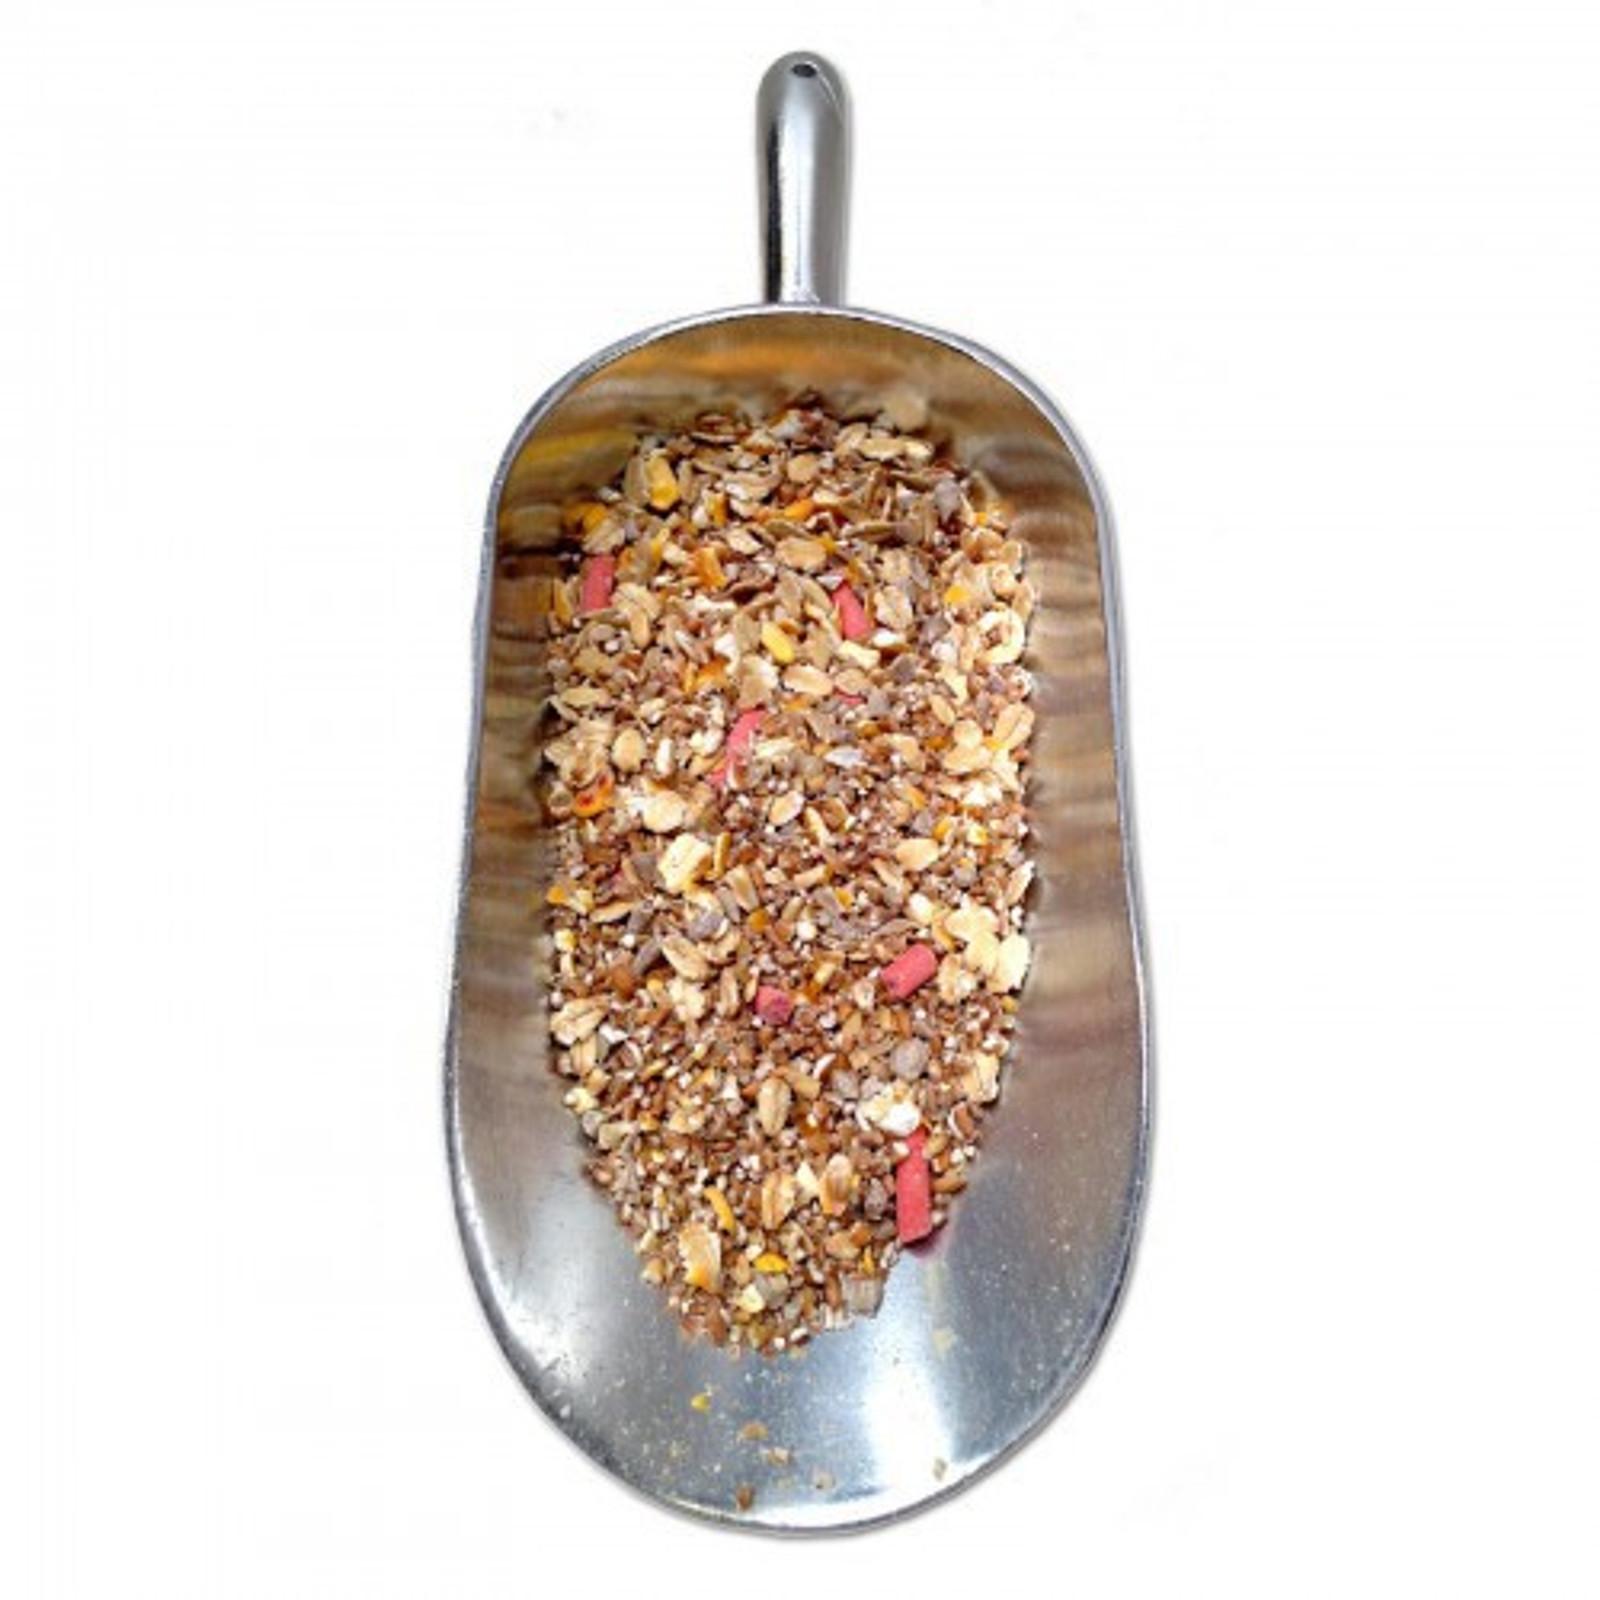 Vogelsamenmix mit Fettfutterpellets für Wildvögel - ohne keimende Samen 5 kg – Bild 1